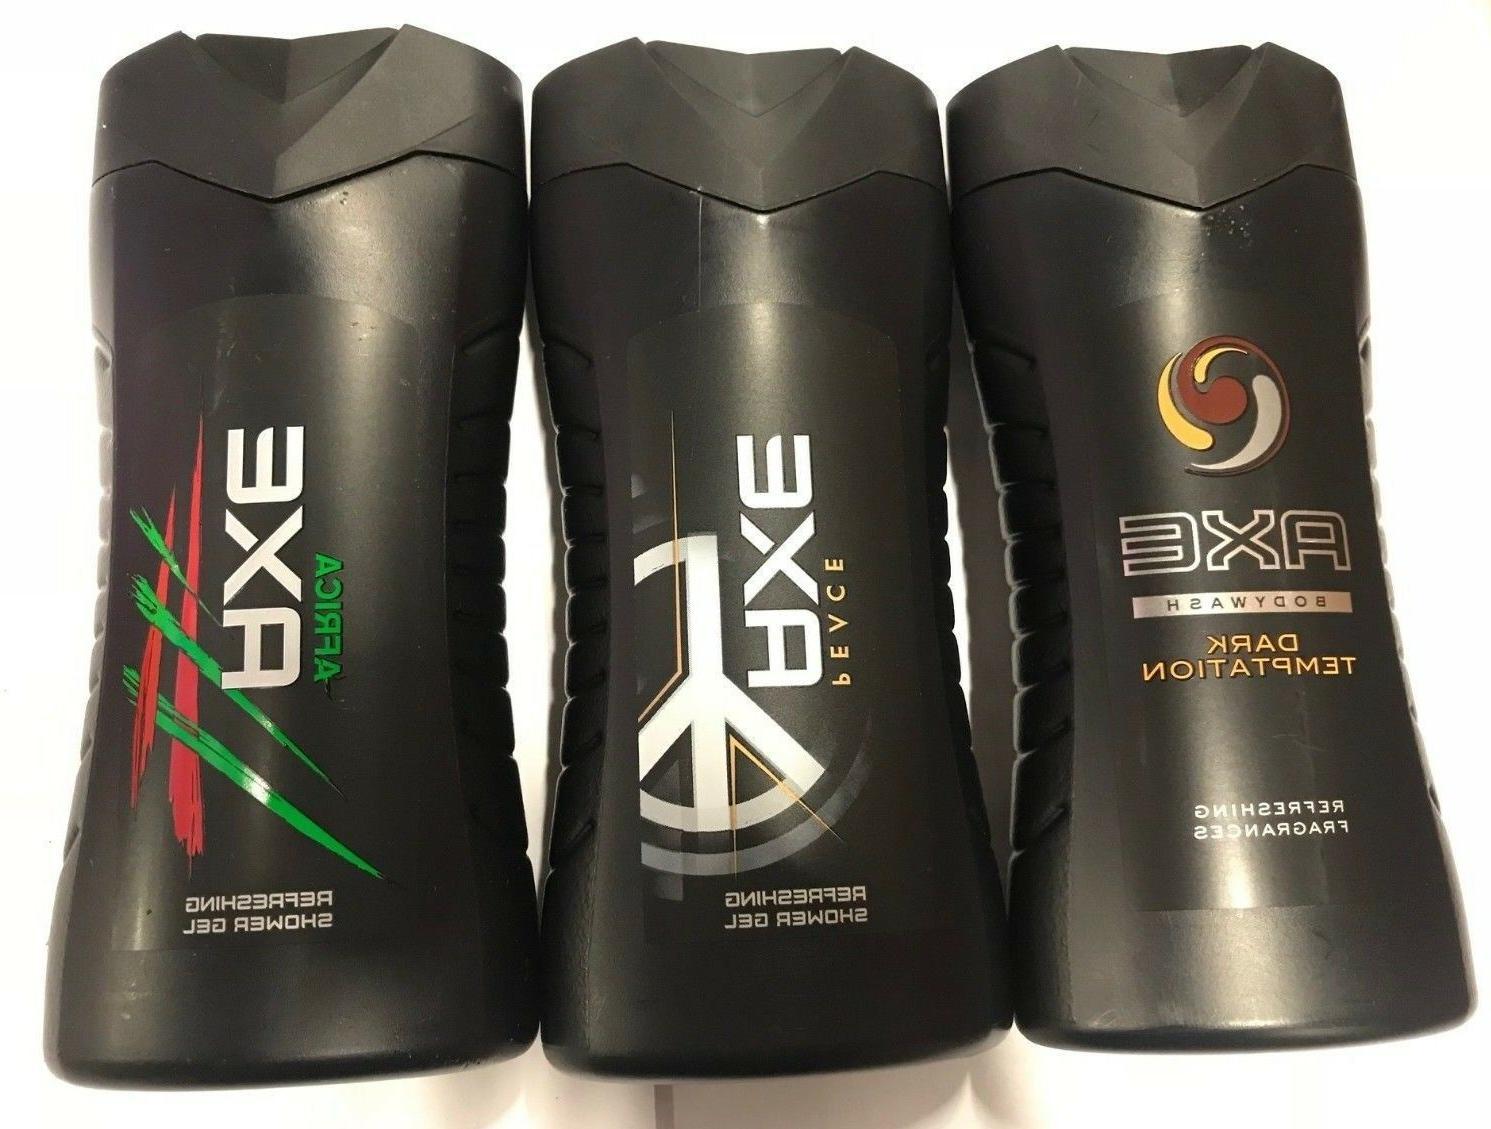 Assorted AXE Shower Gel / Body Wash 250ml = 8.45 oz / Each